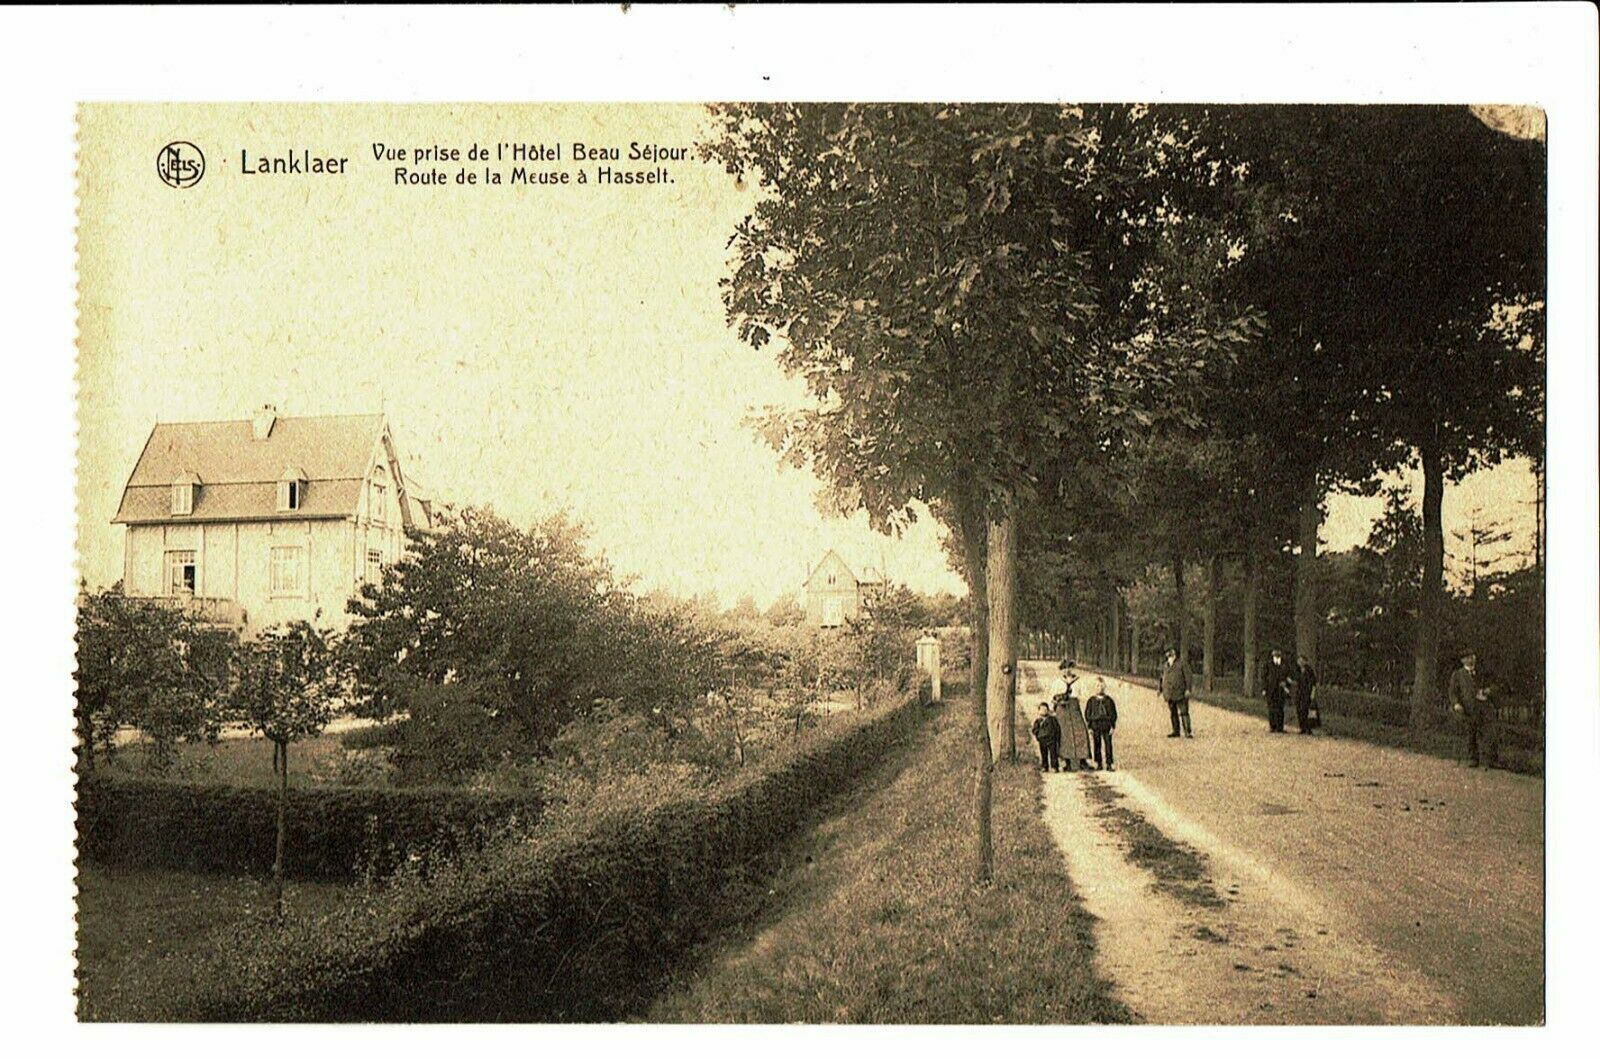 CPA - Carte postale-Belgique Lanklaer-Stockhelm-Vue prise de l'hotel Beau séjour